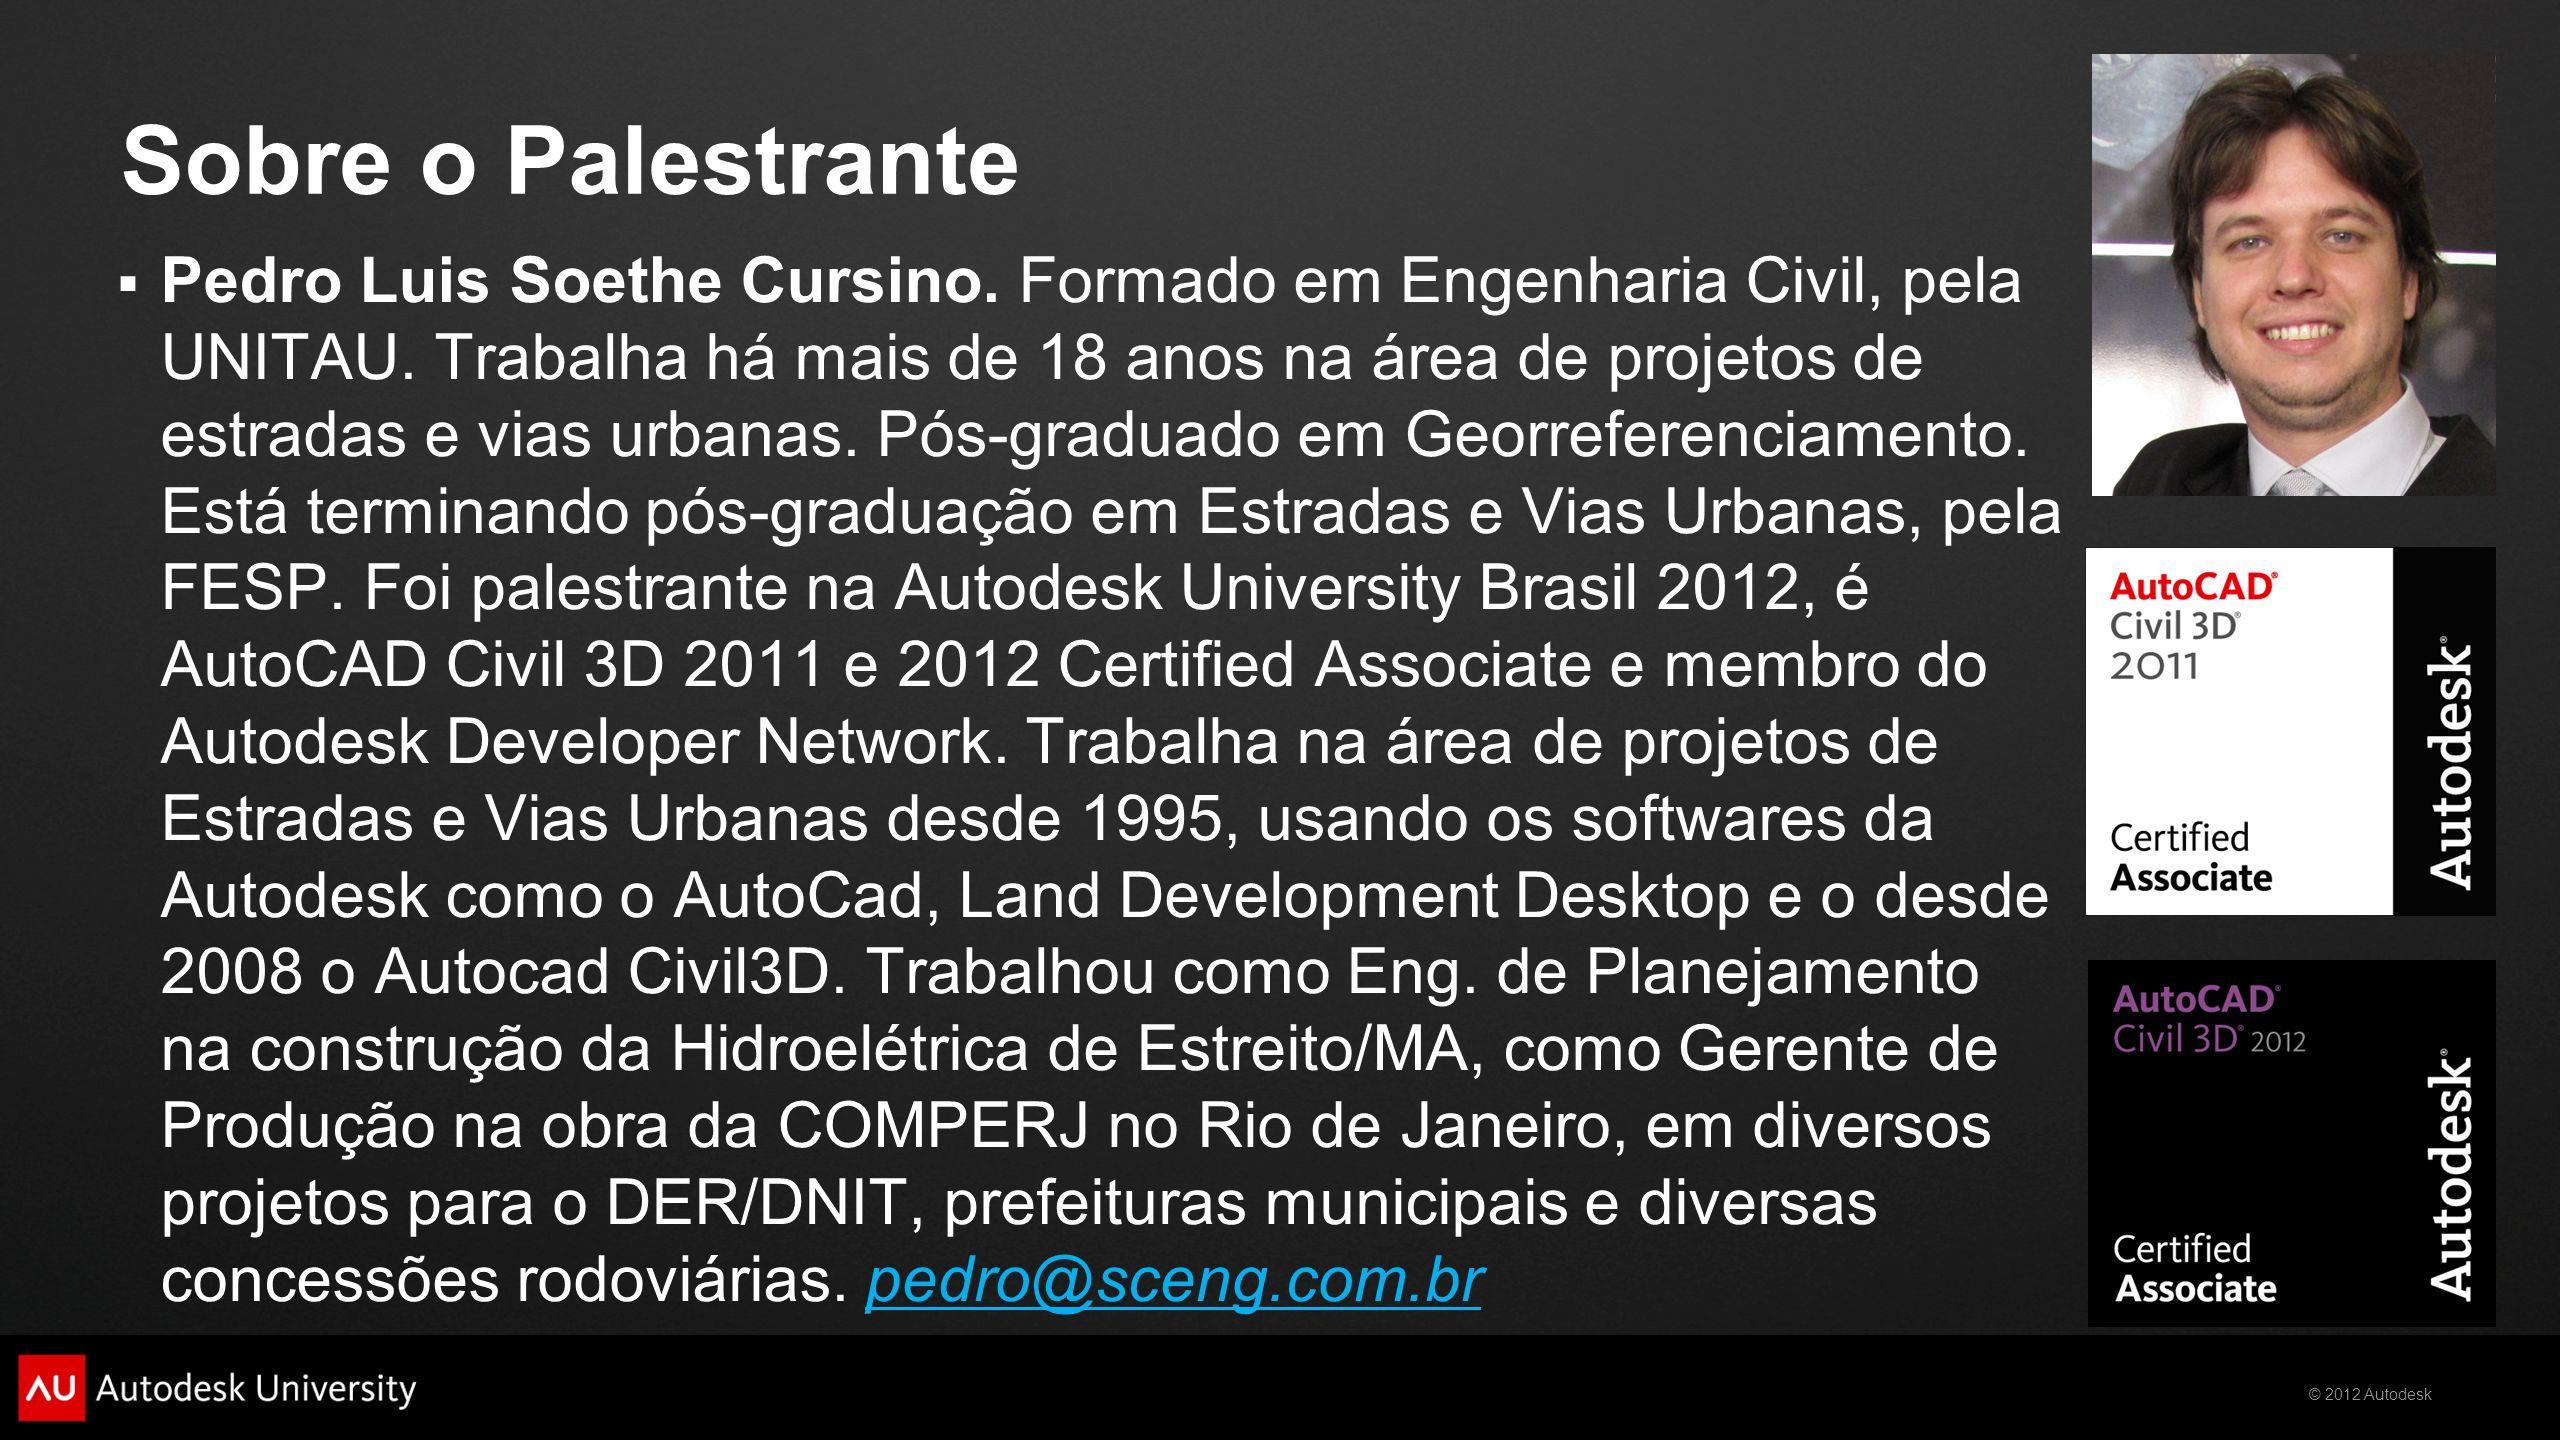 © 2012 Autodesk Sobre o Palestrante Pedro Luis Soethe Cursino. Formado em Engenharia Civil, pela UNITAU. Trabalha há mais de 18 anos na área de projet